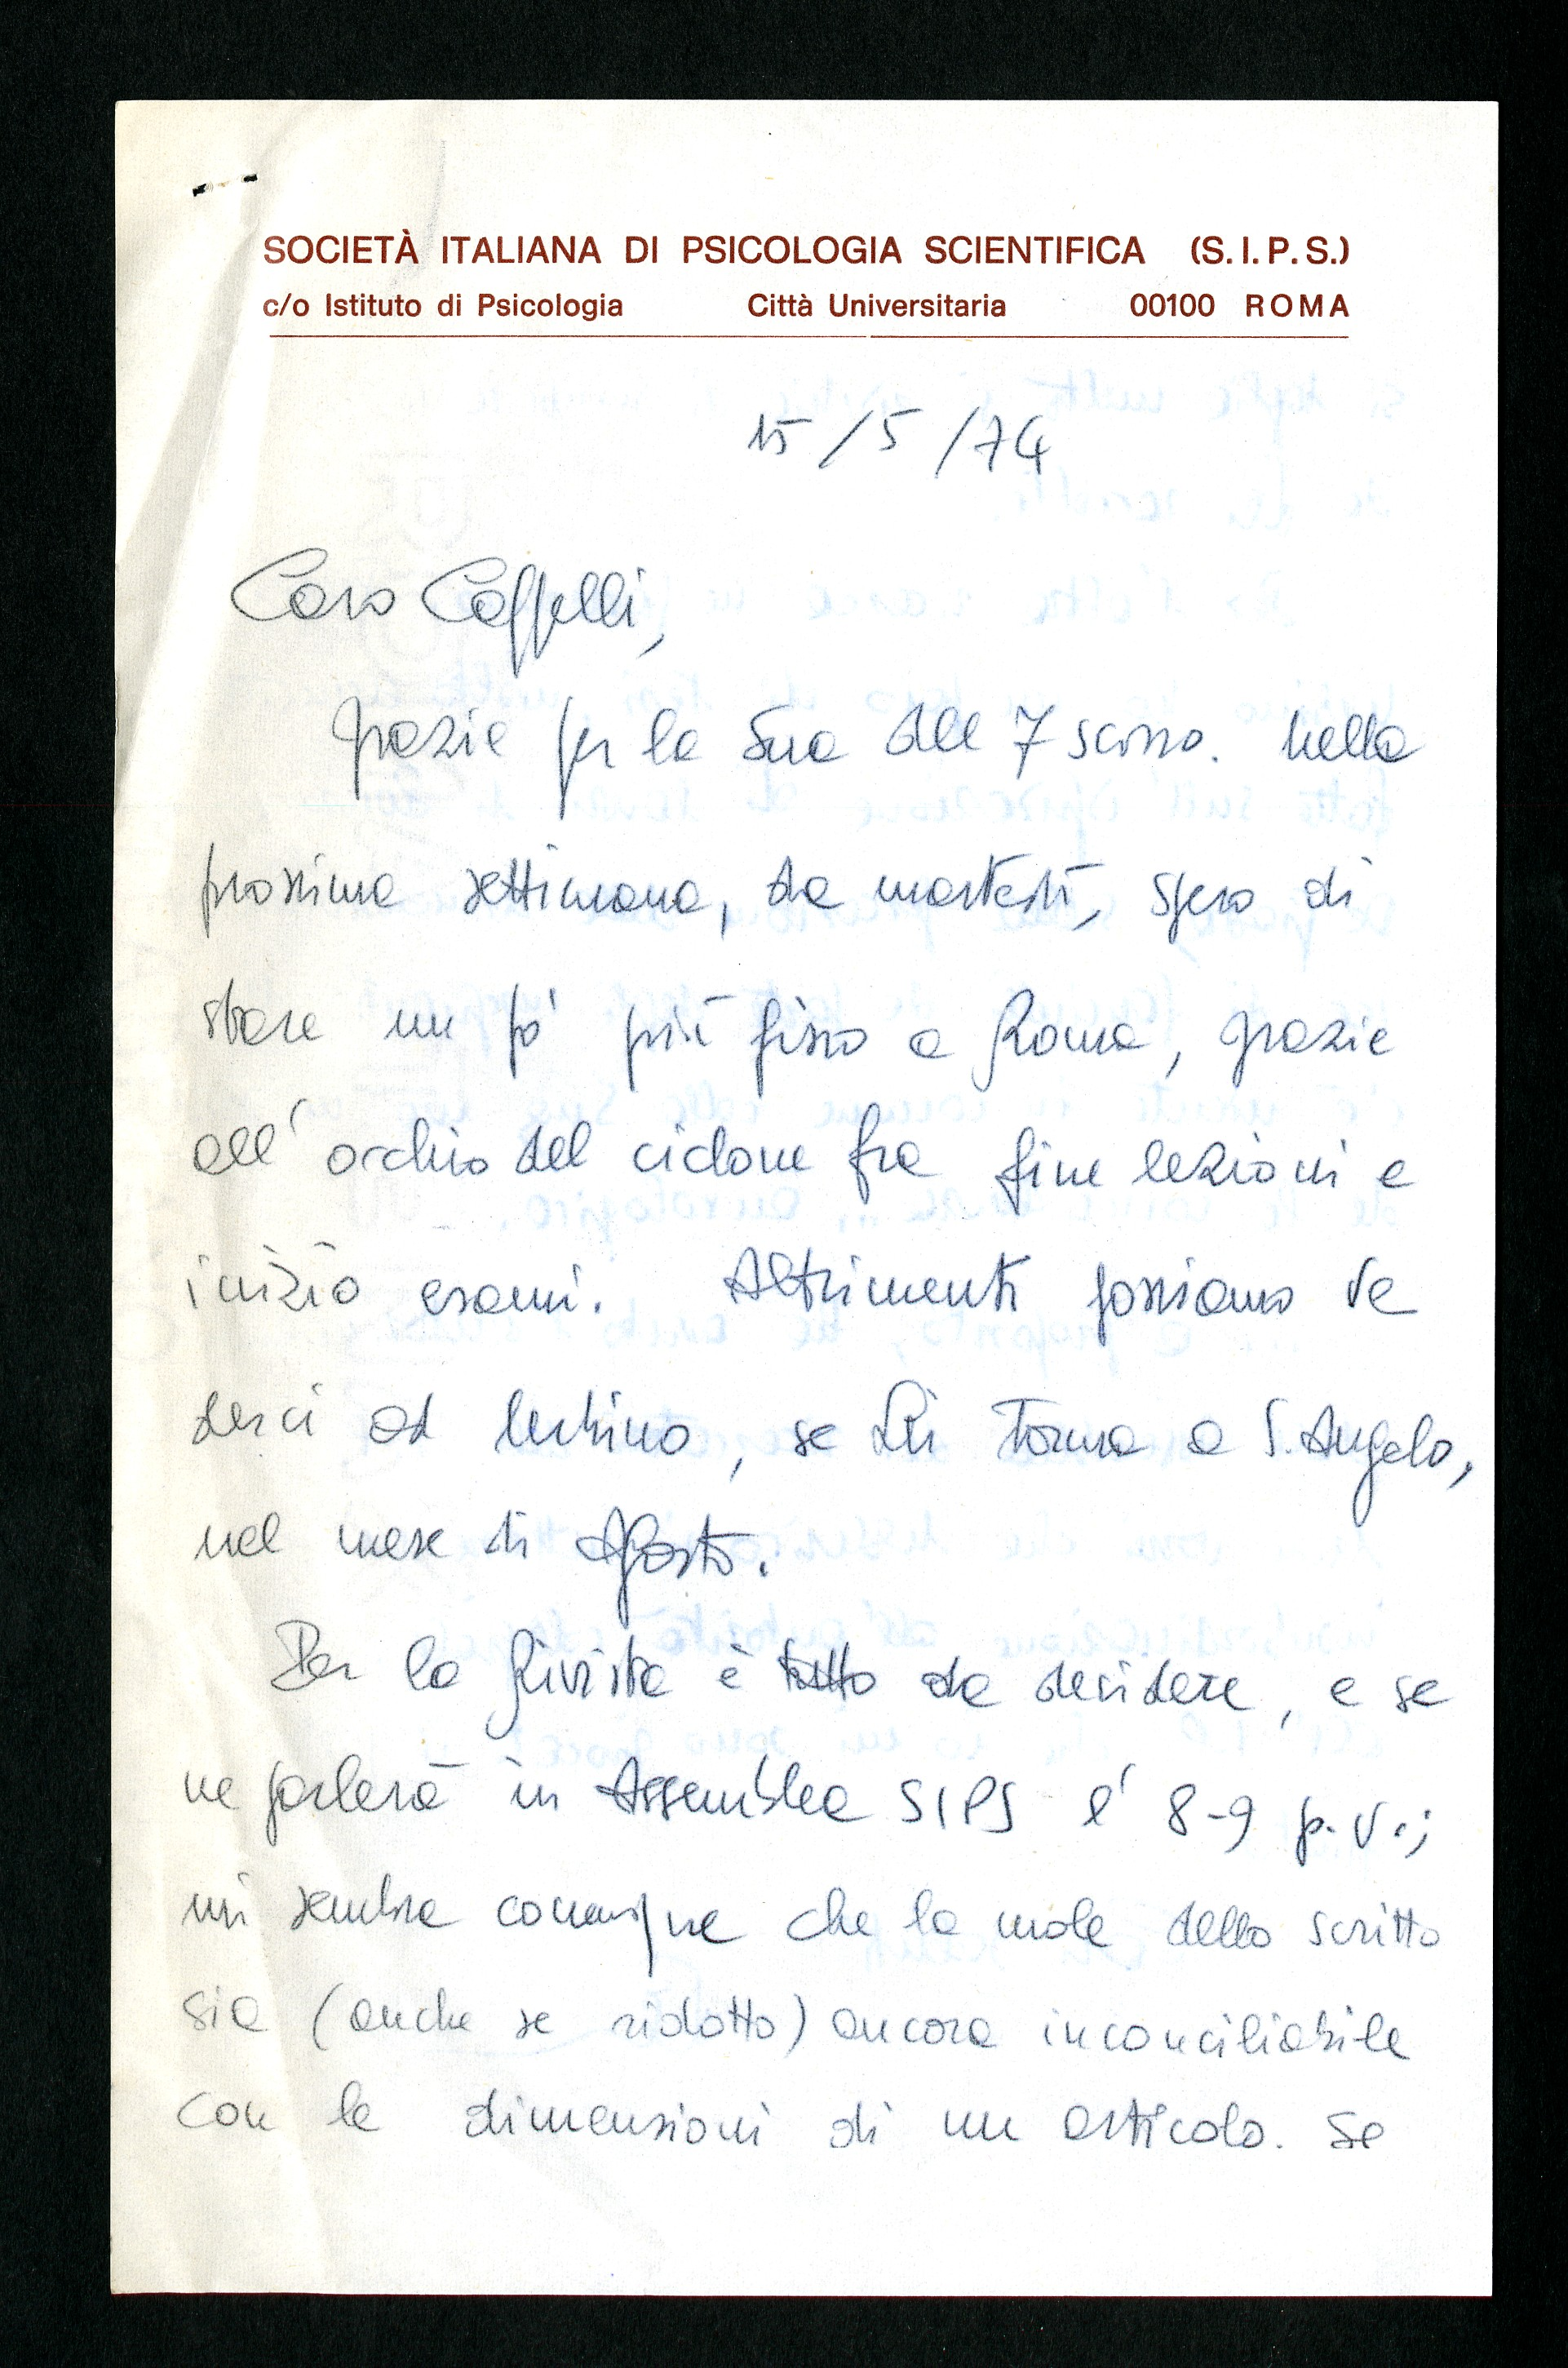 Cappelli Ulderico - Aspi - Archivio storico della psicologia italiana b151d4163cda